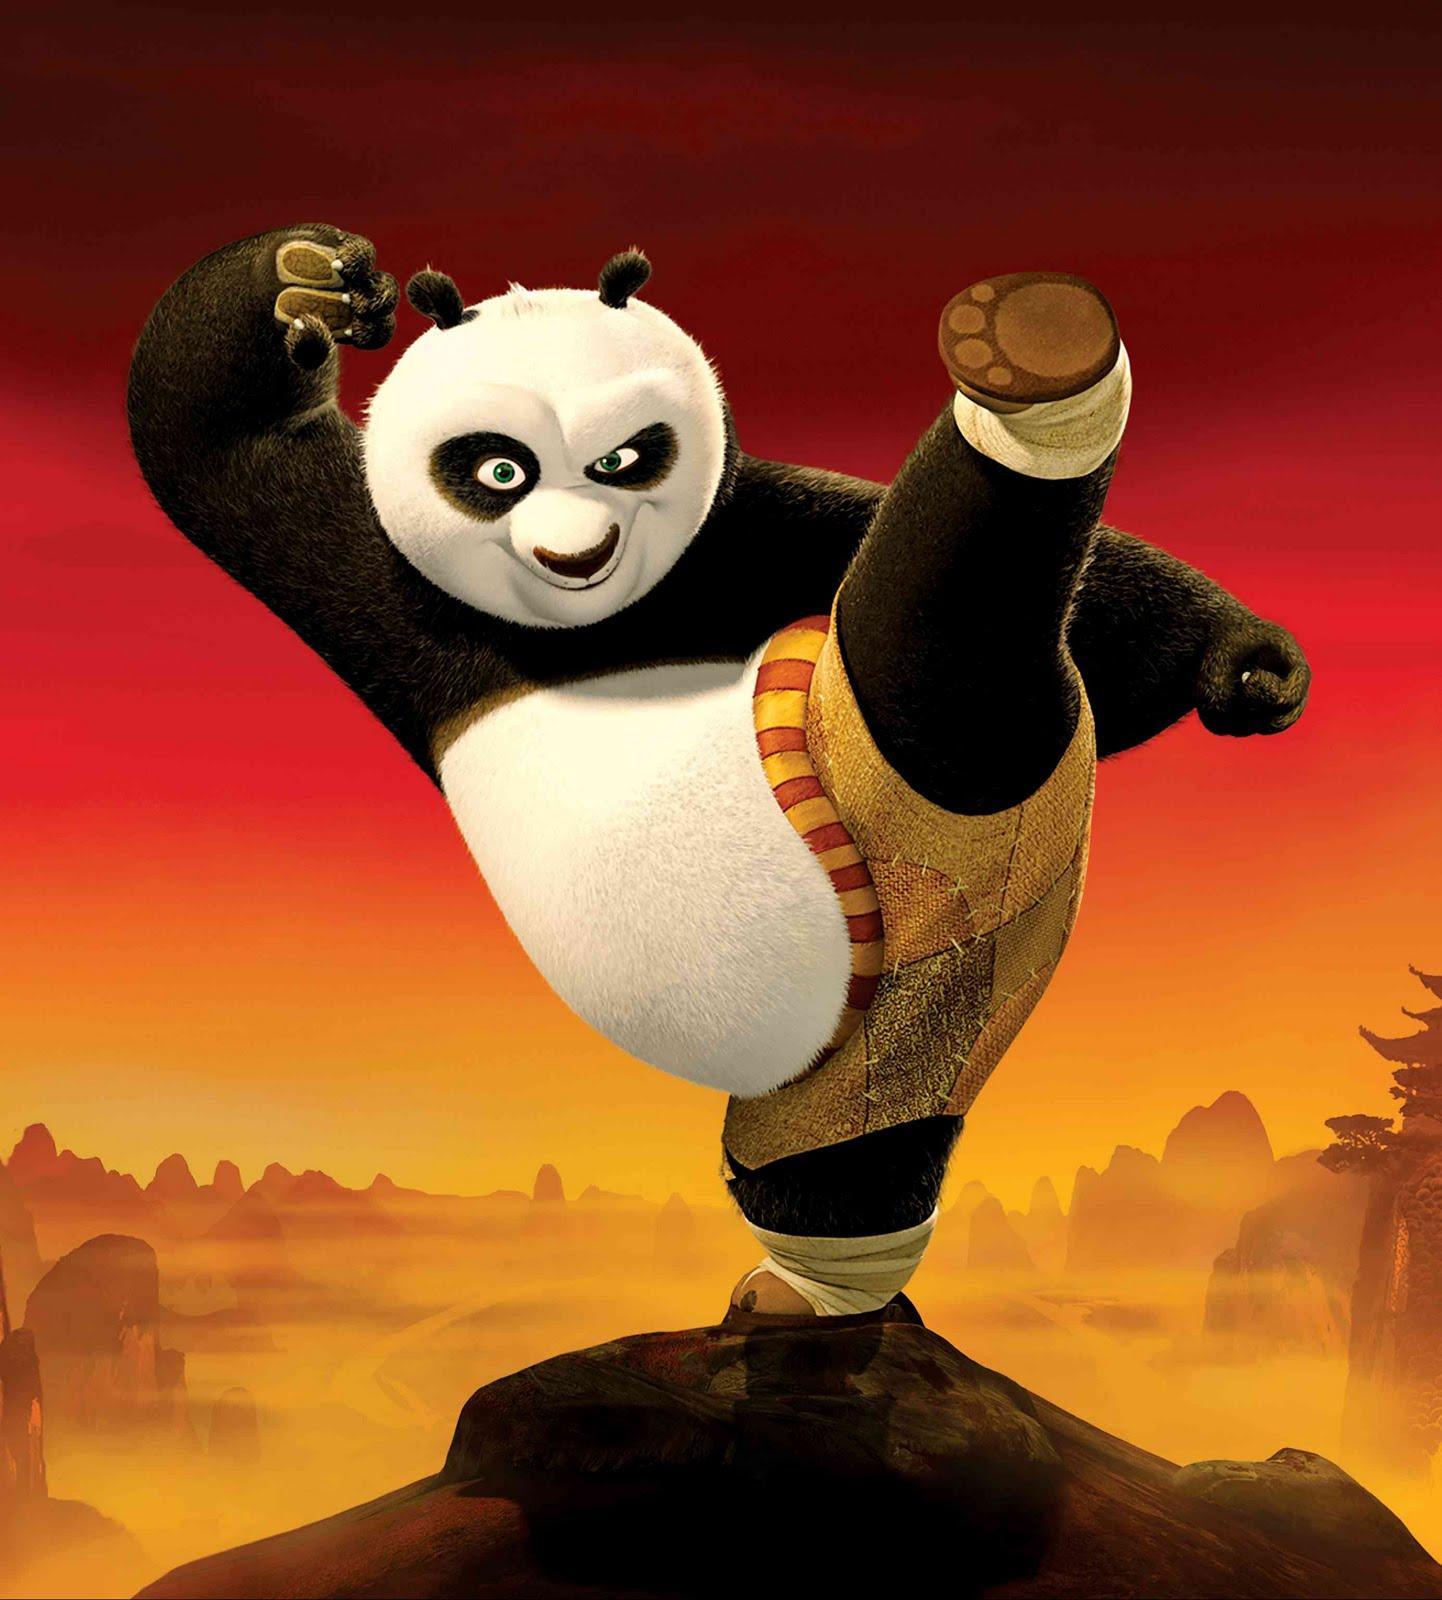 http://2.bp.blogspot.com/-SJ8tEVbOub8/TdgKI-XbDsI/AAAAAAAABro/fDLgK7dSK5A/s1600/kung+fu+panda+2.jpg